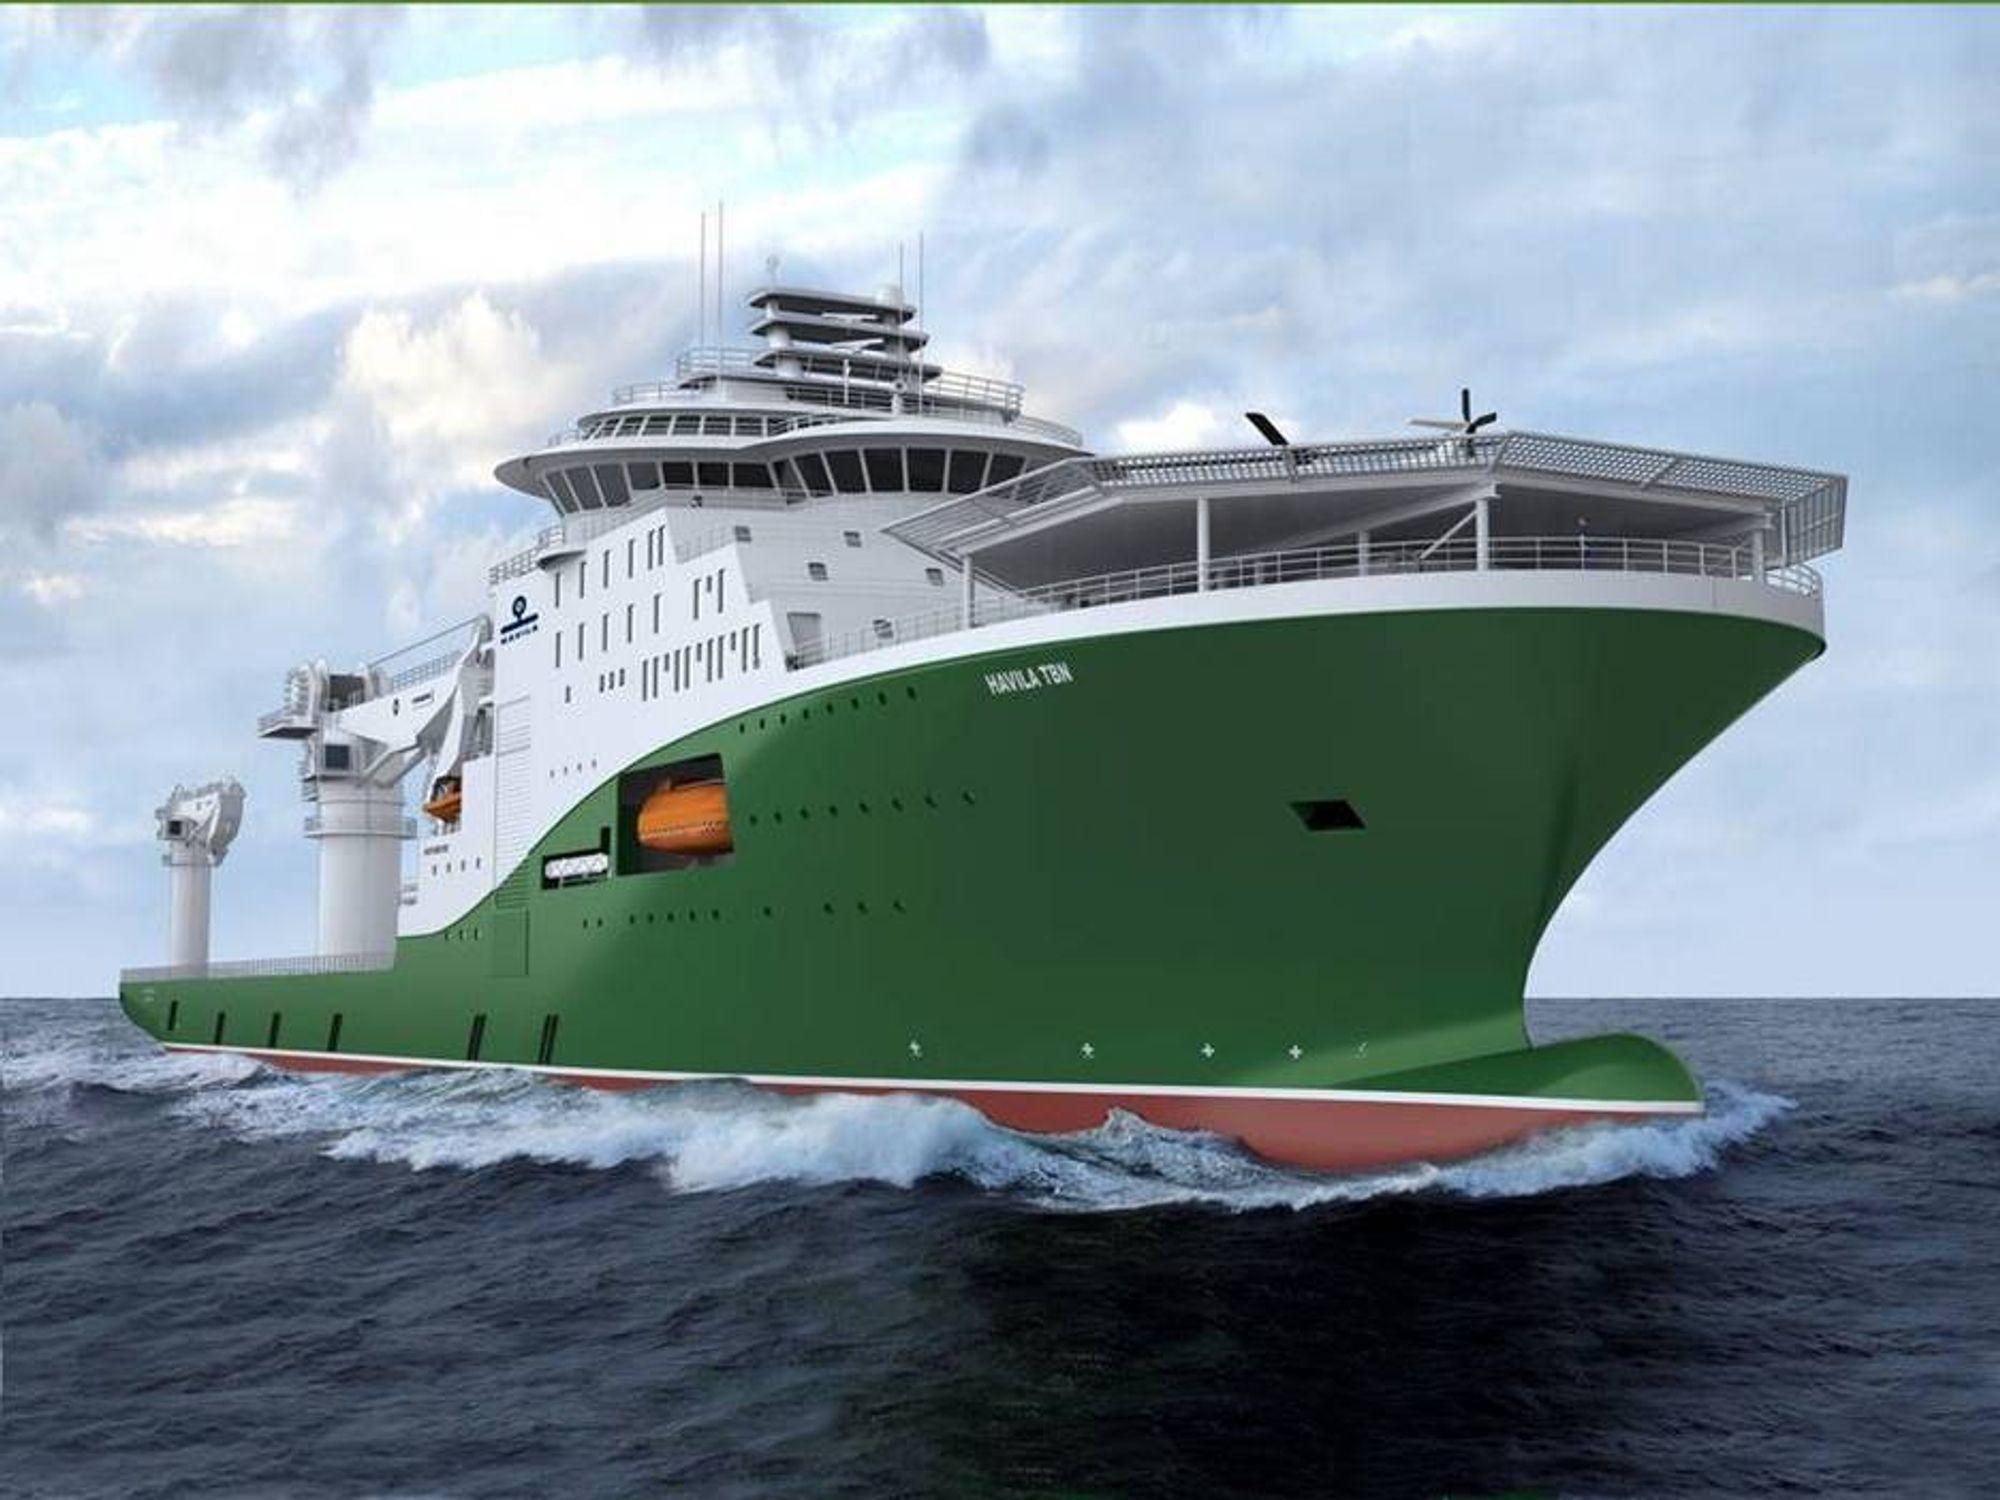 KNASELERERT: Havila har kansellert kontrakten på dette kombinerte konstruksjons og dykkerfartøyet til 1,5 milliarder kroner.